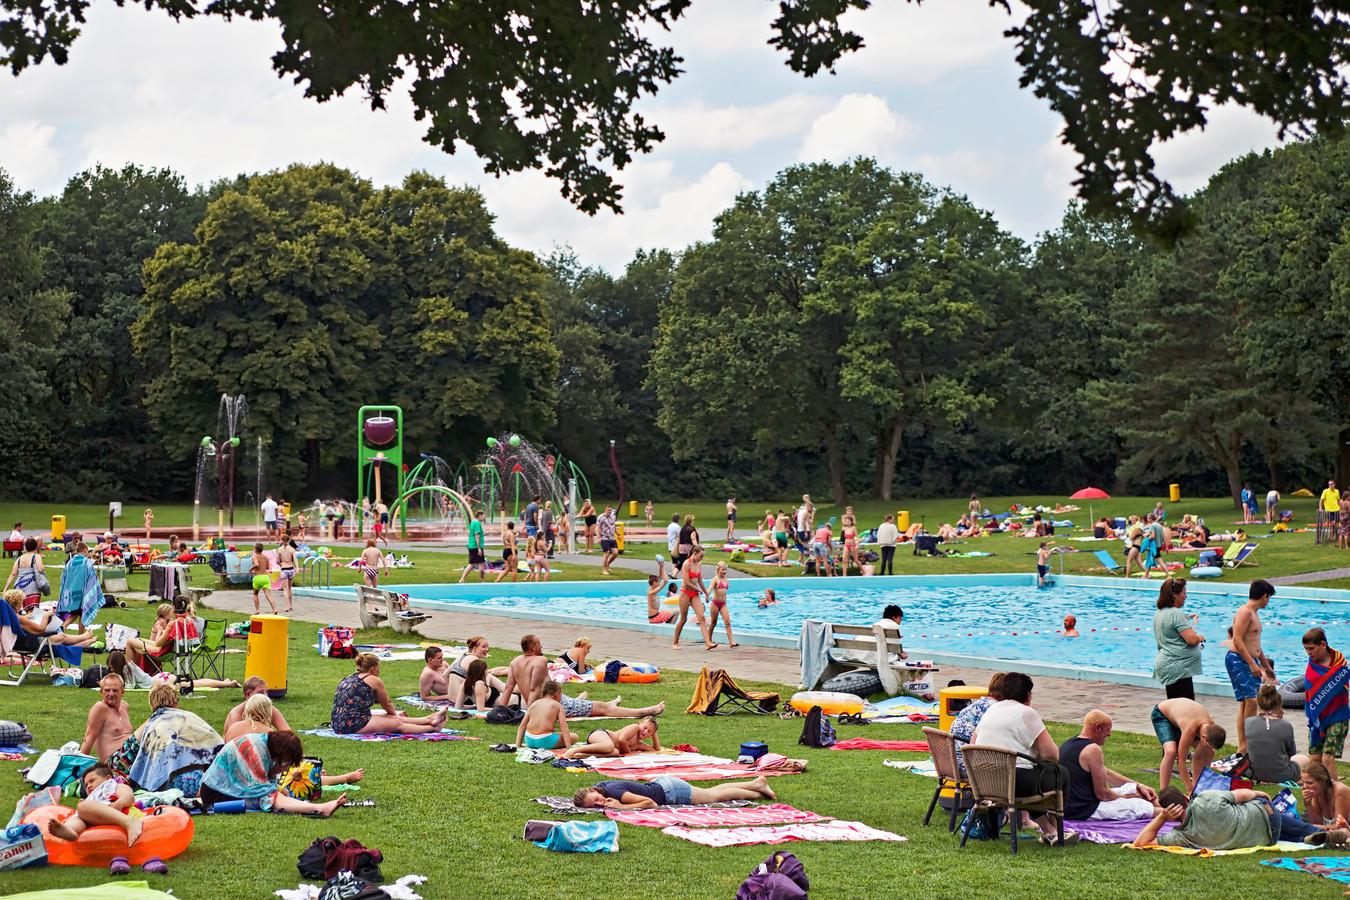 Campinggasten zorgen altijd al voor een goed bezet waterattractiepark Splesj. Of er in de toekomst nog ruimte is voor zwemliefhebbers uit de omgeving wordt pas in het najaar duidelijk.